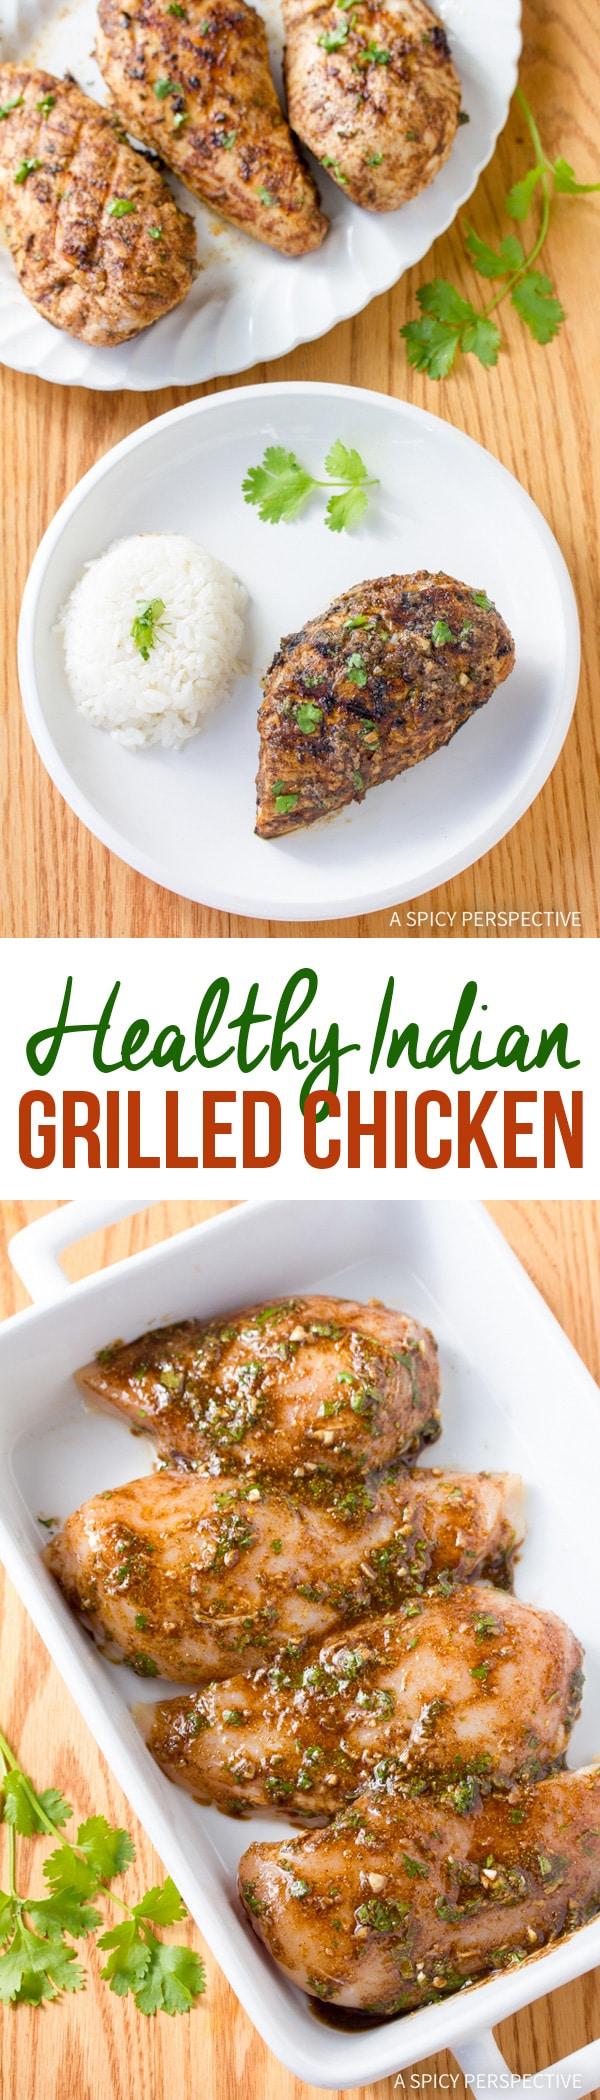 Zesty Indian Grilled Chicken #healthy #paleo #glutenfree